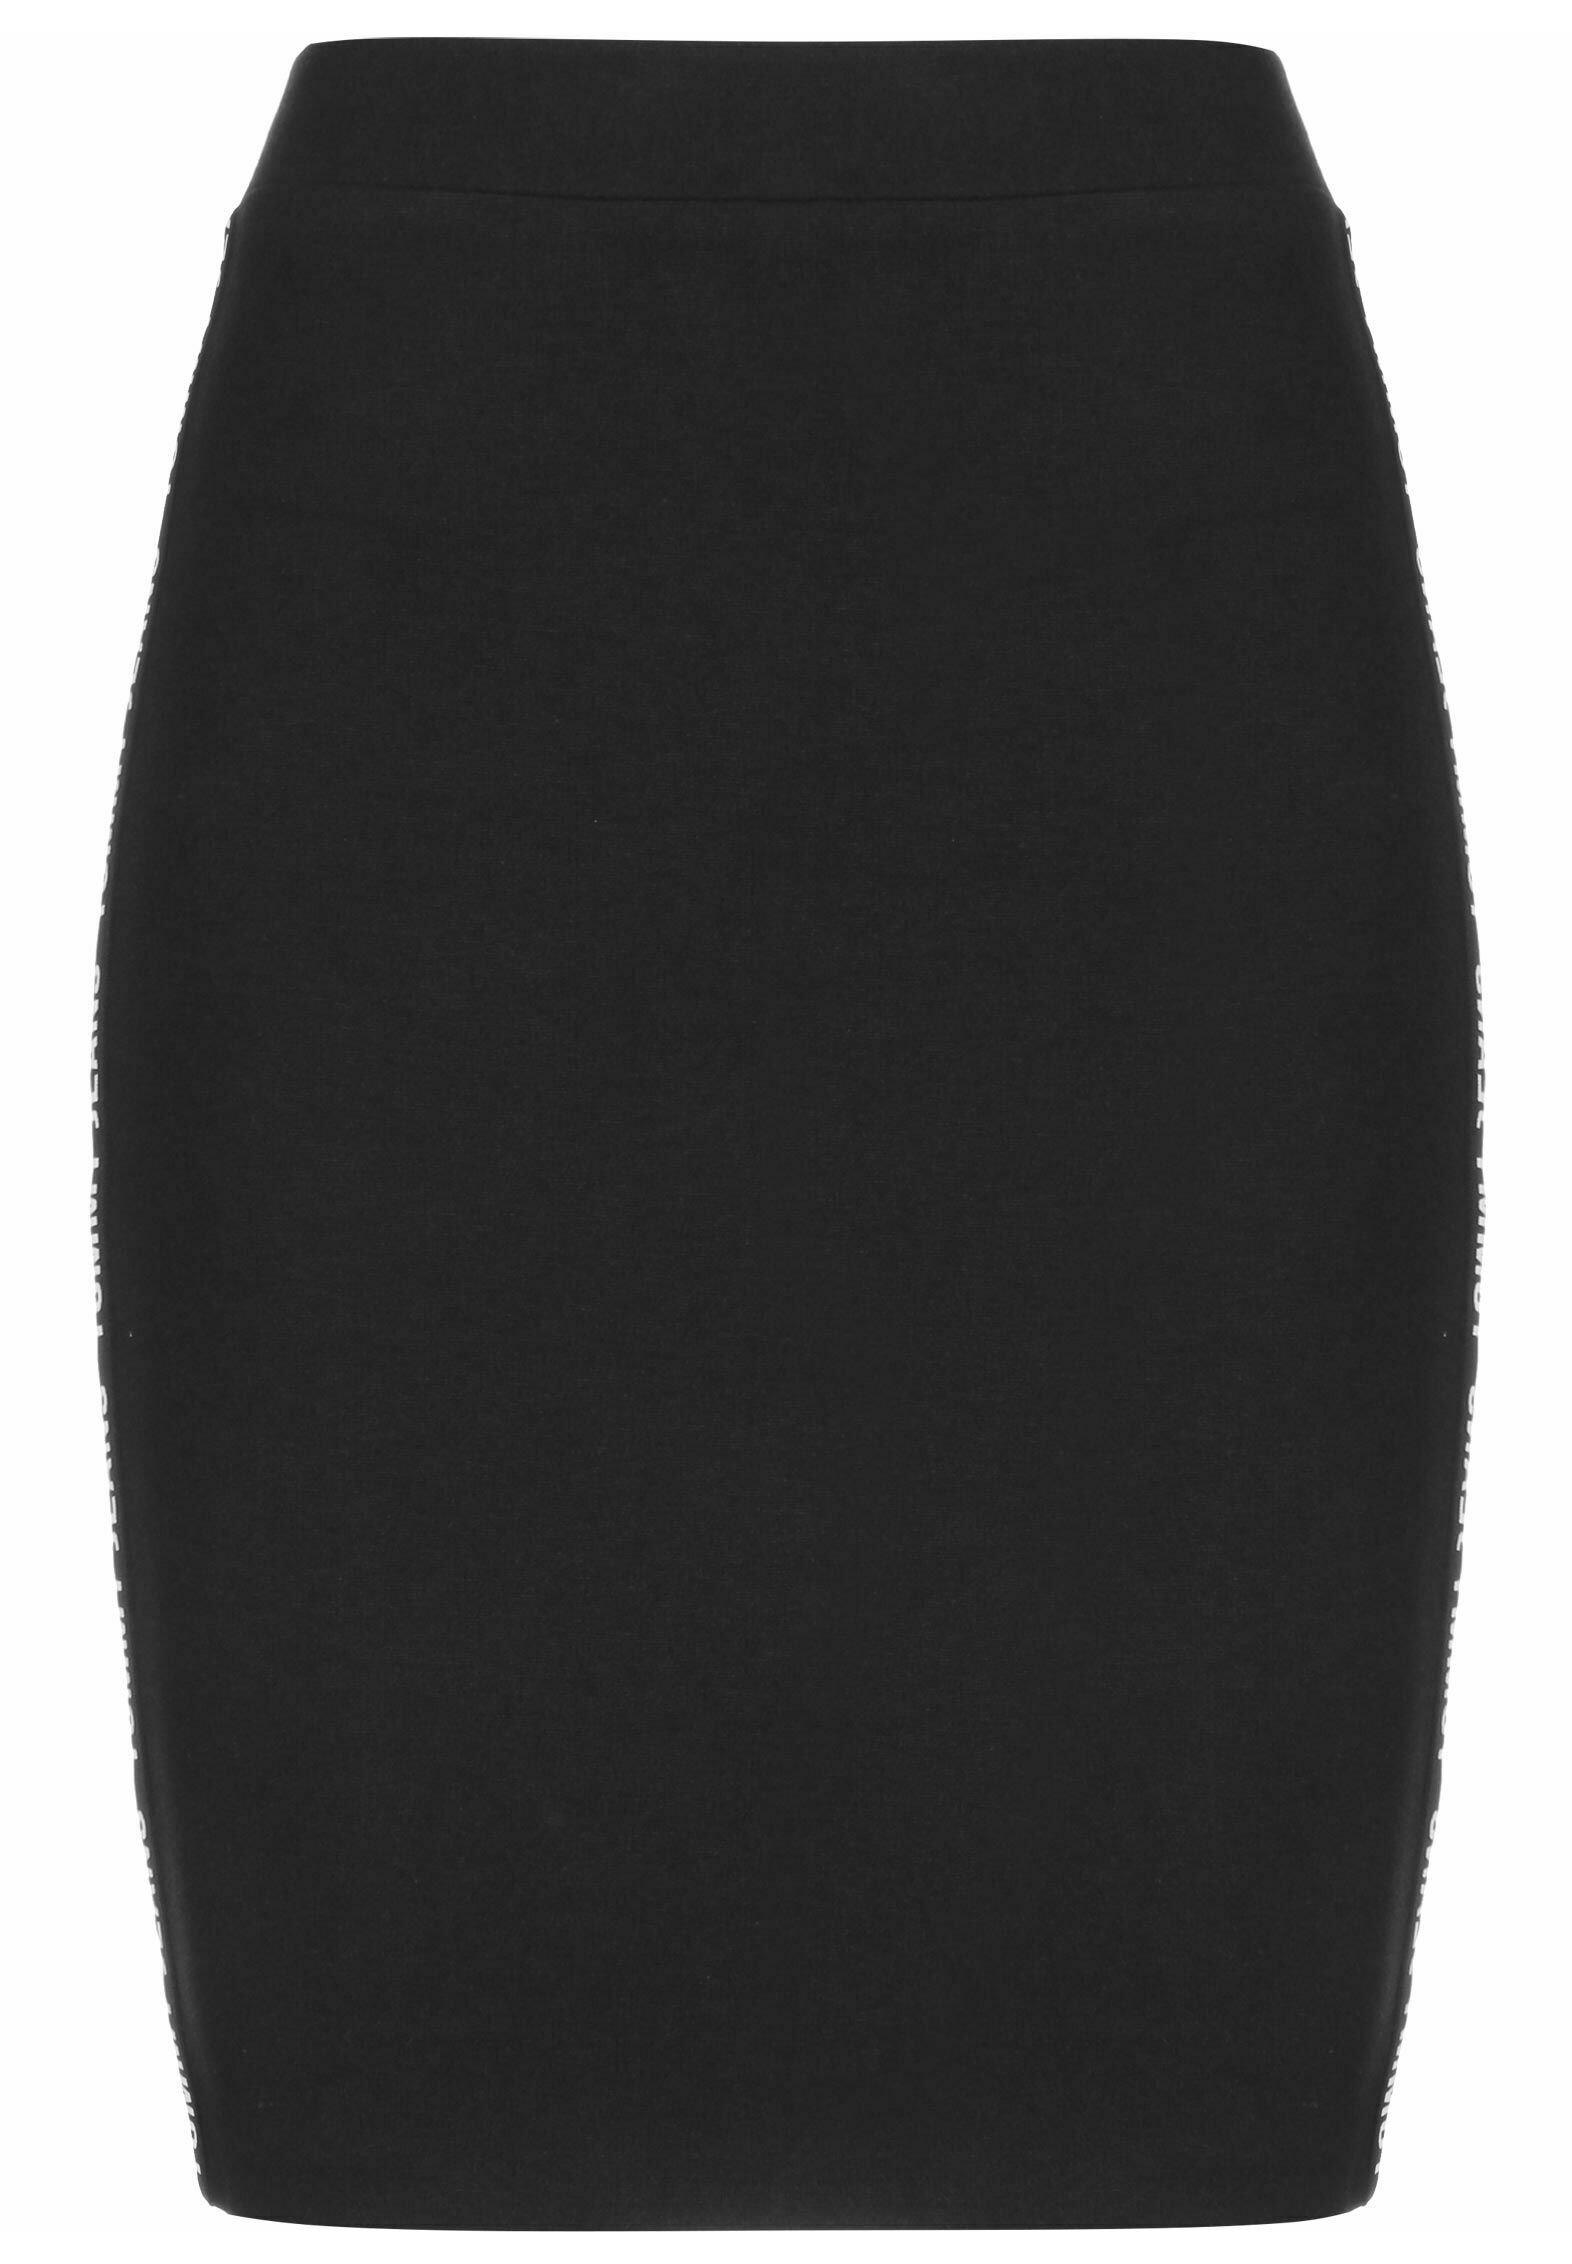 Femme ROCK SPORTSWEAR - Jupe crayon